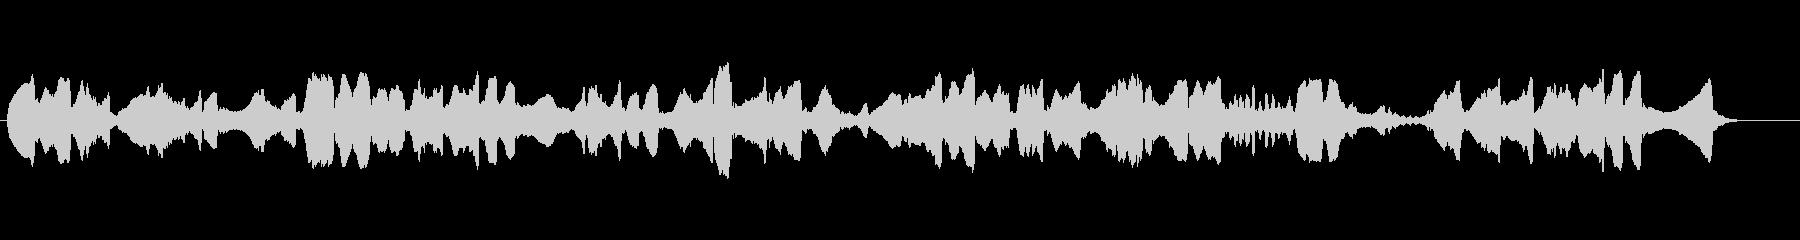 雄大な自然の映像に合う二胡独奏の未再生の波形